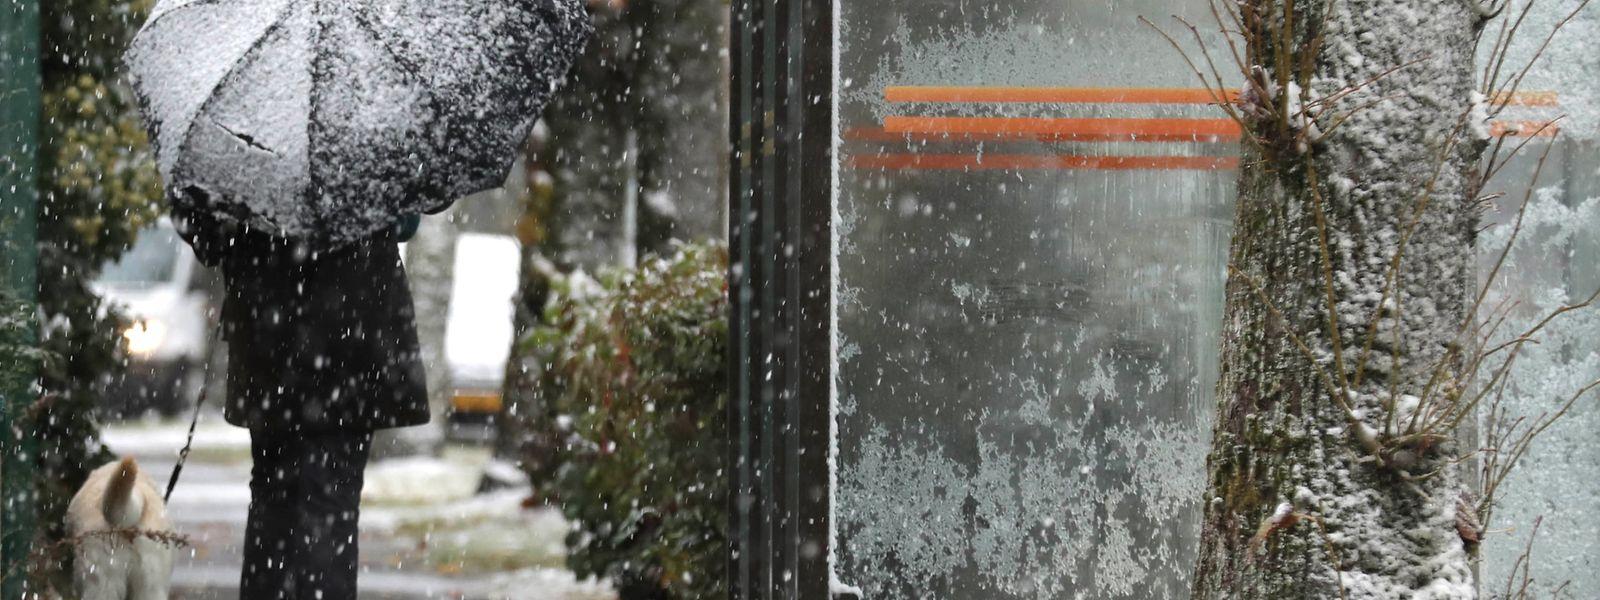 L'épisode neigeux traverse le Luxembourg.